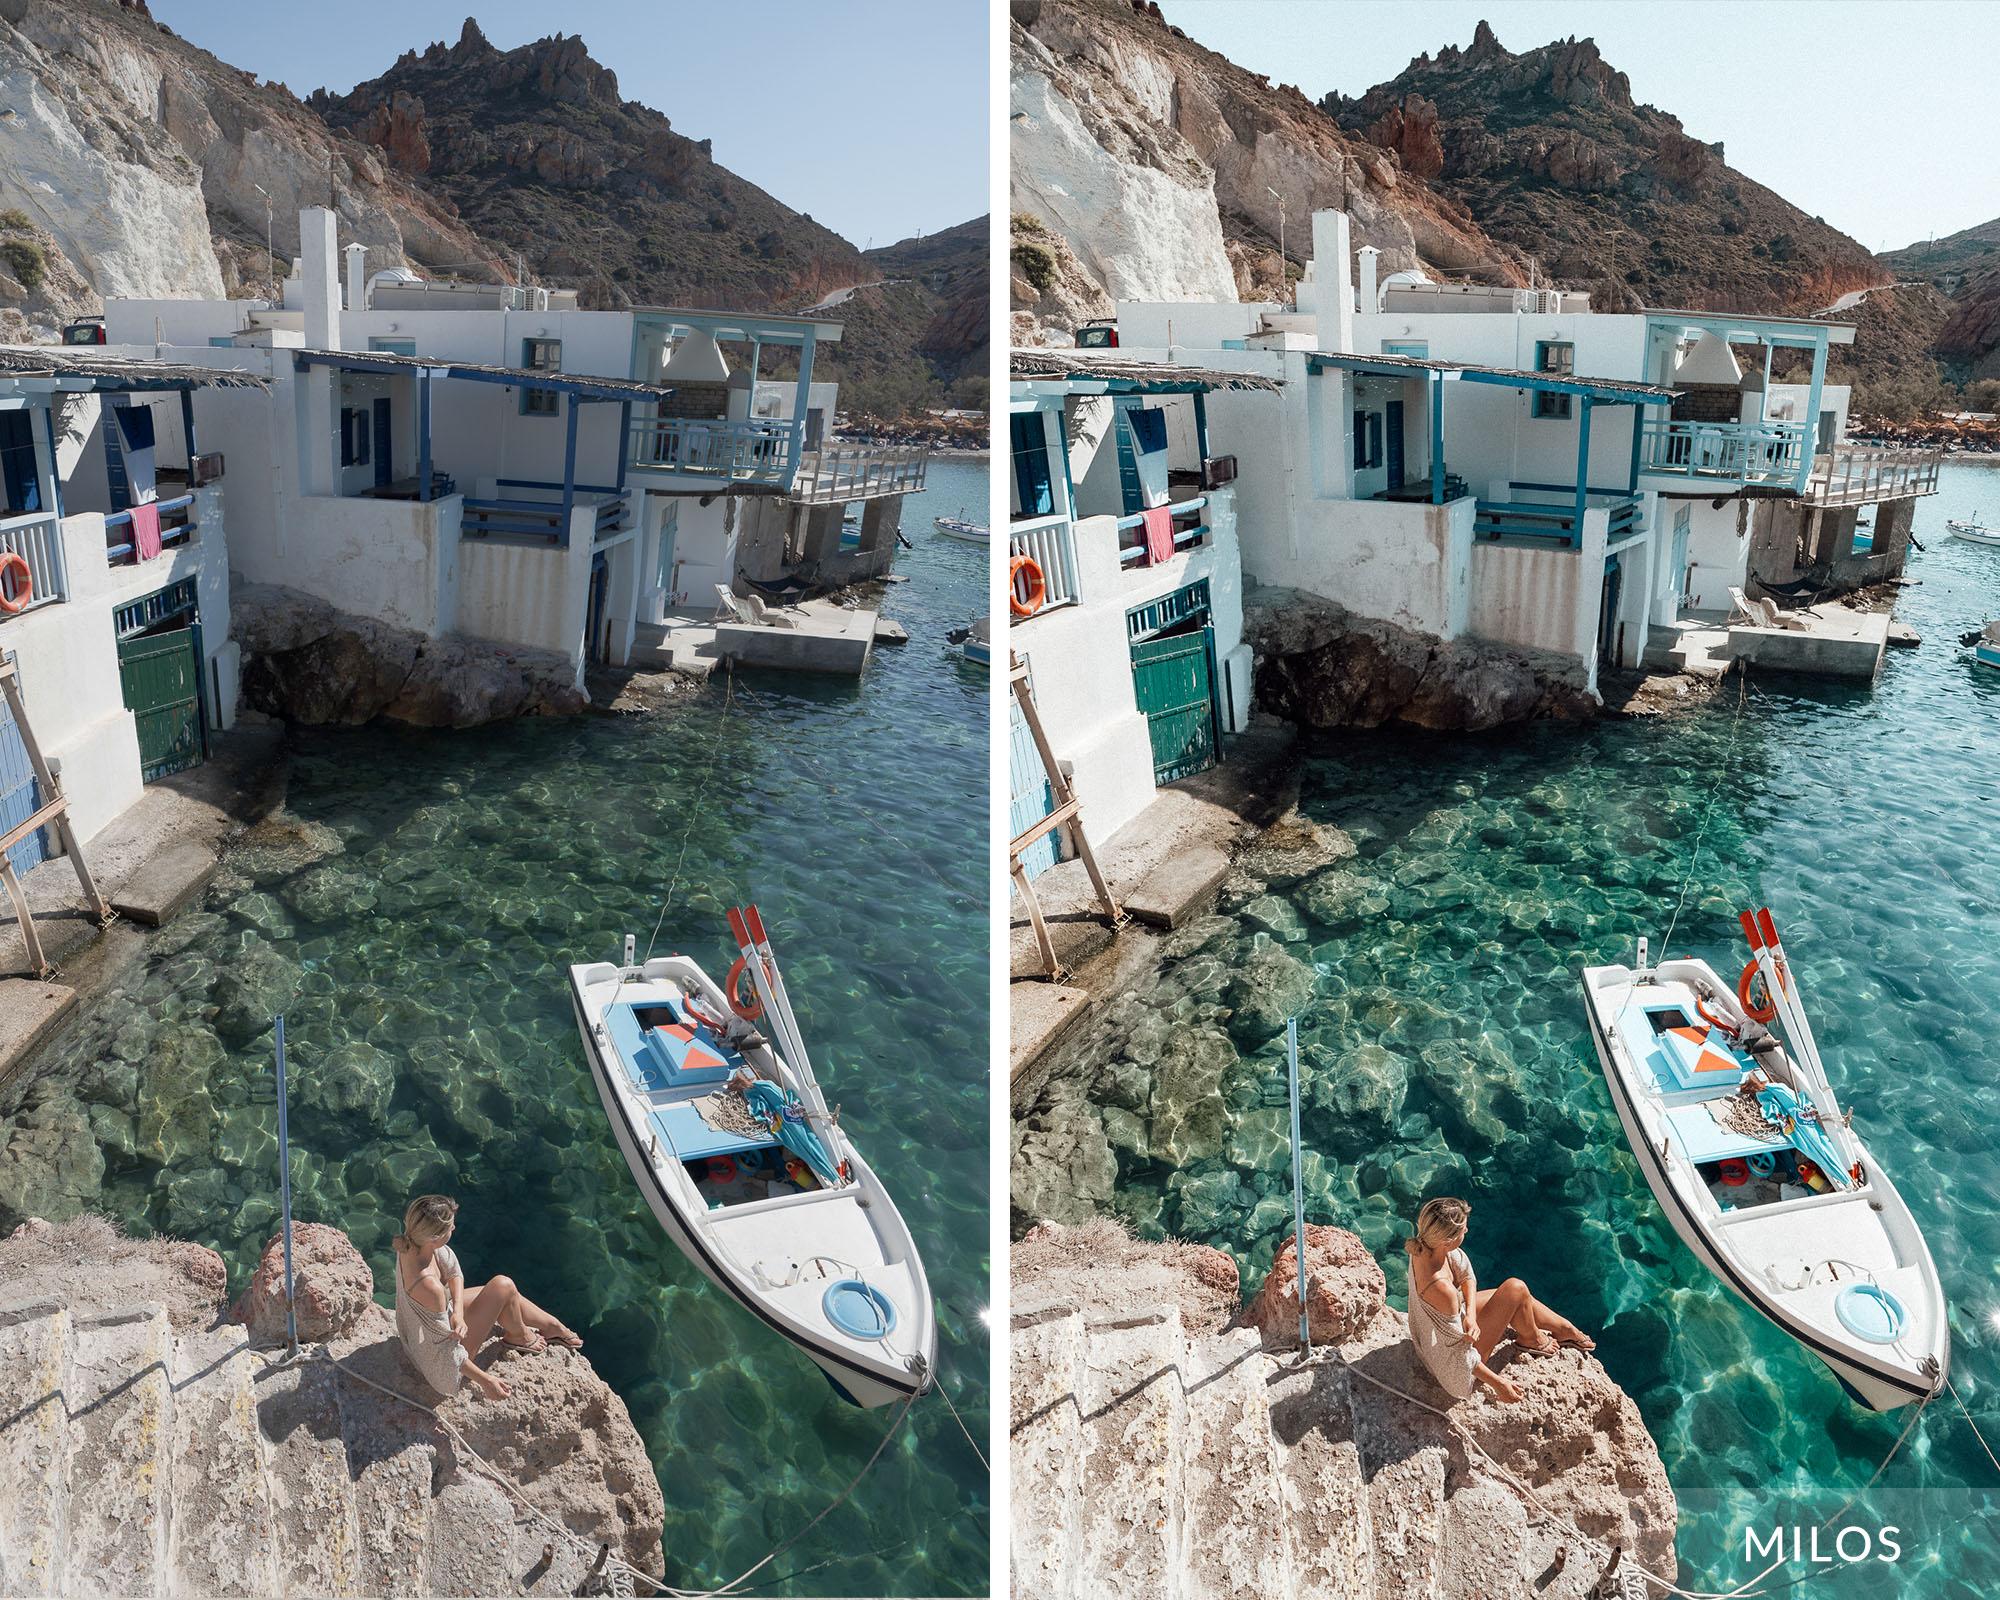 MILOS - Find Us Lost Greek Islands Lightroom Mobile Preset Collection